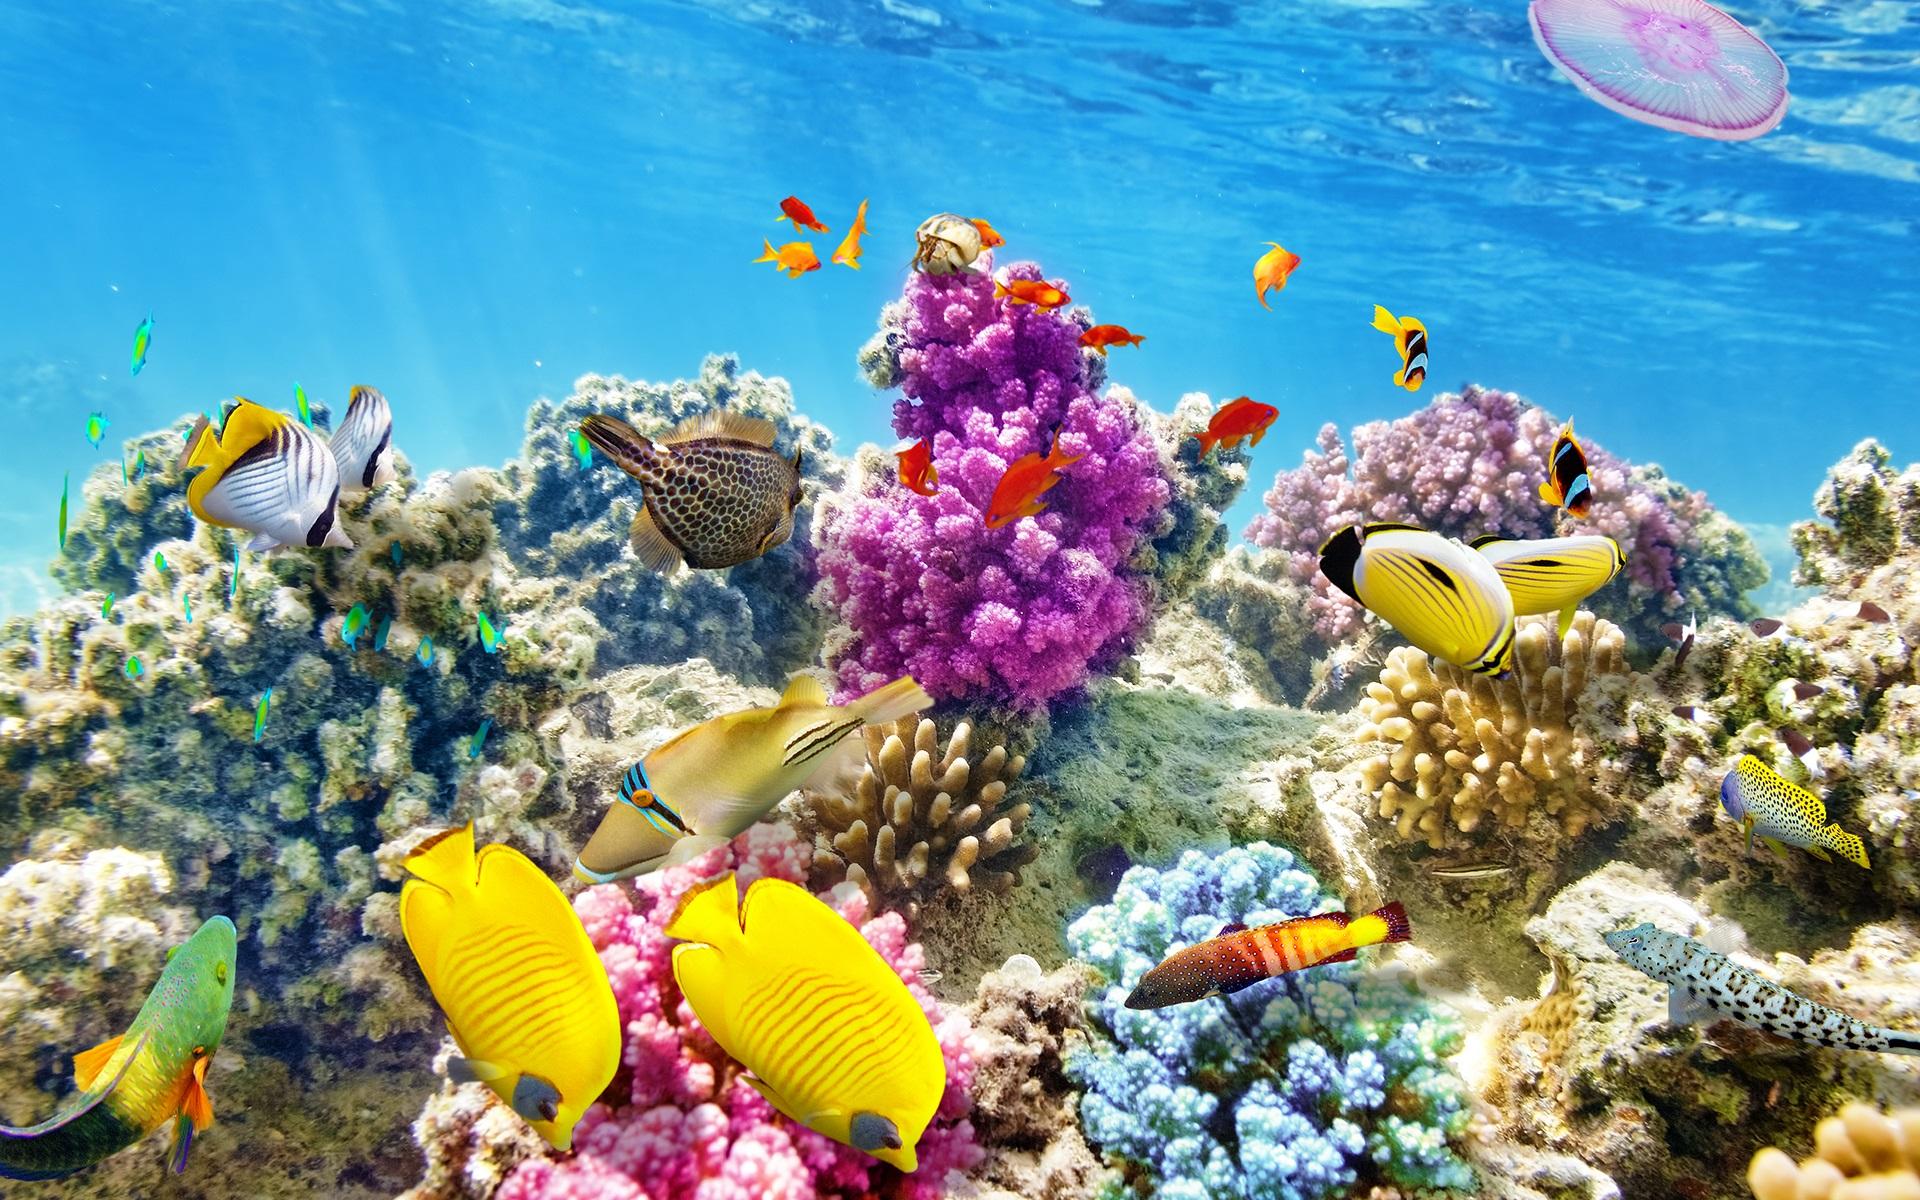 Sự đa dạng các loài cá ở đây luôn khiến bạn ngạc nhiên